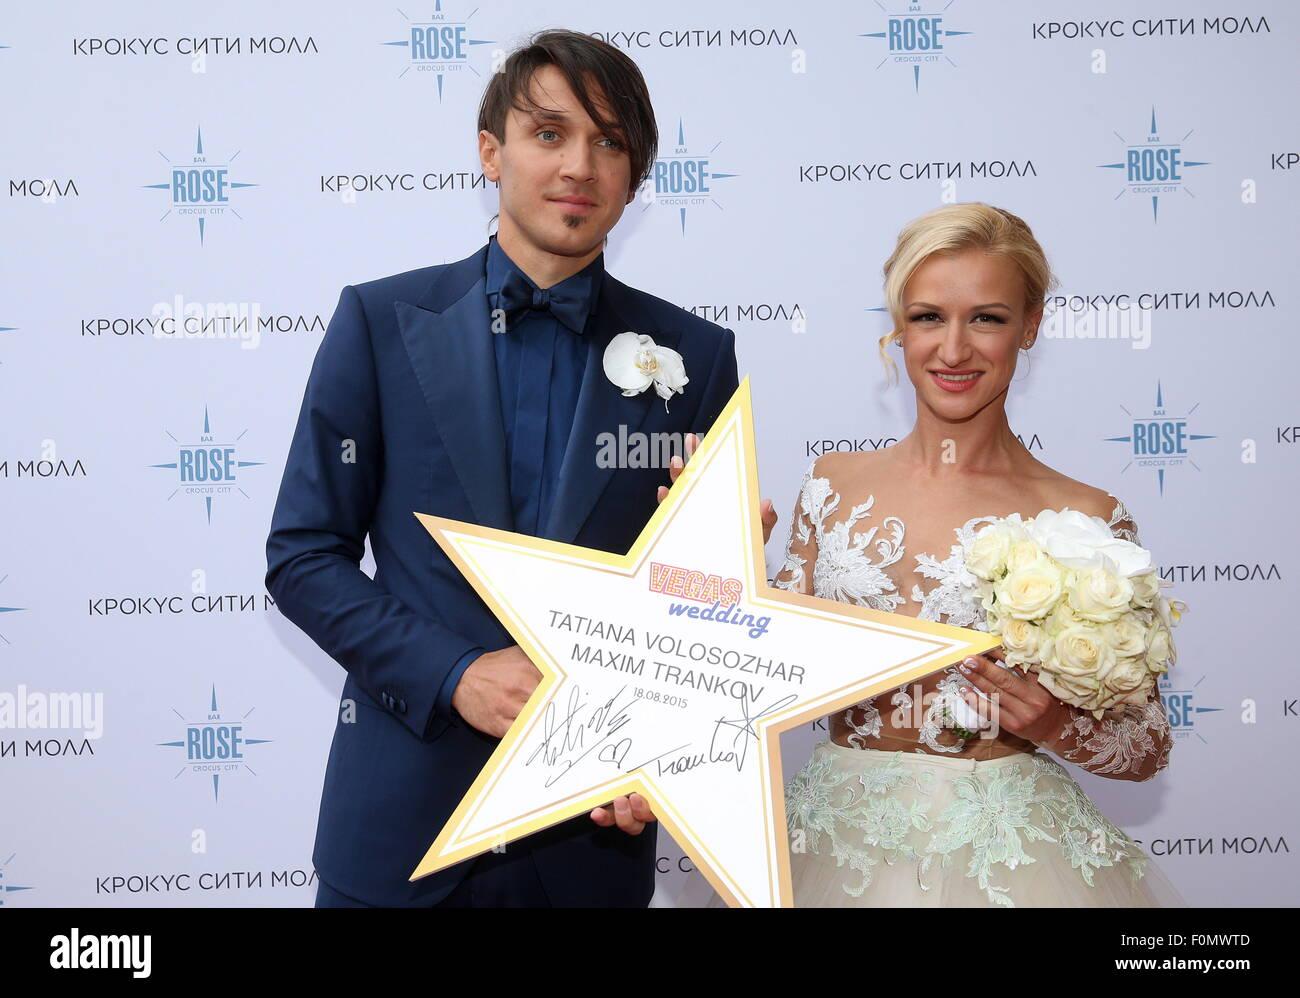 Moskau, Russland. 18. August 2015. Zweifache Eiskunstlauf-Weltmeister Maxim Trankow (L) und Tatiana Volosozhar mit Stockfoto